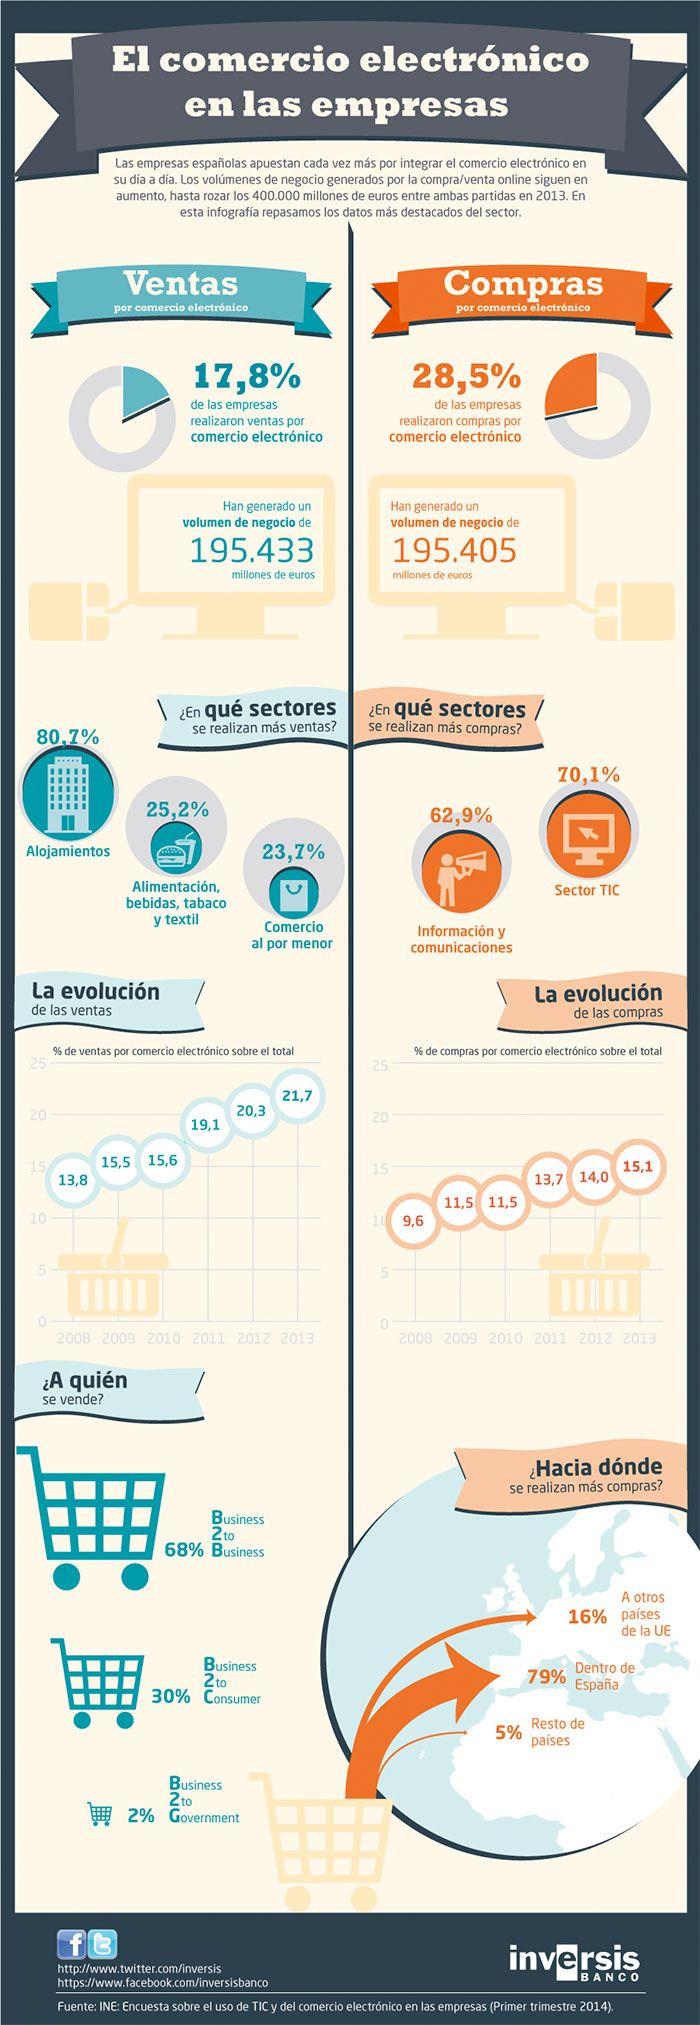 """#Infografia Las compras superan las ventas """"Estado del #eCommerce en #empresas españolas 2014"""""""